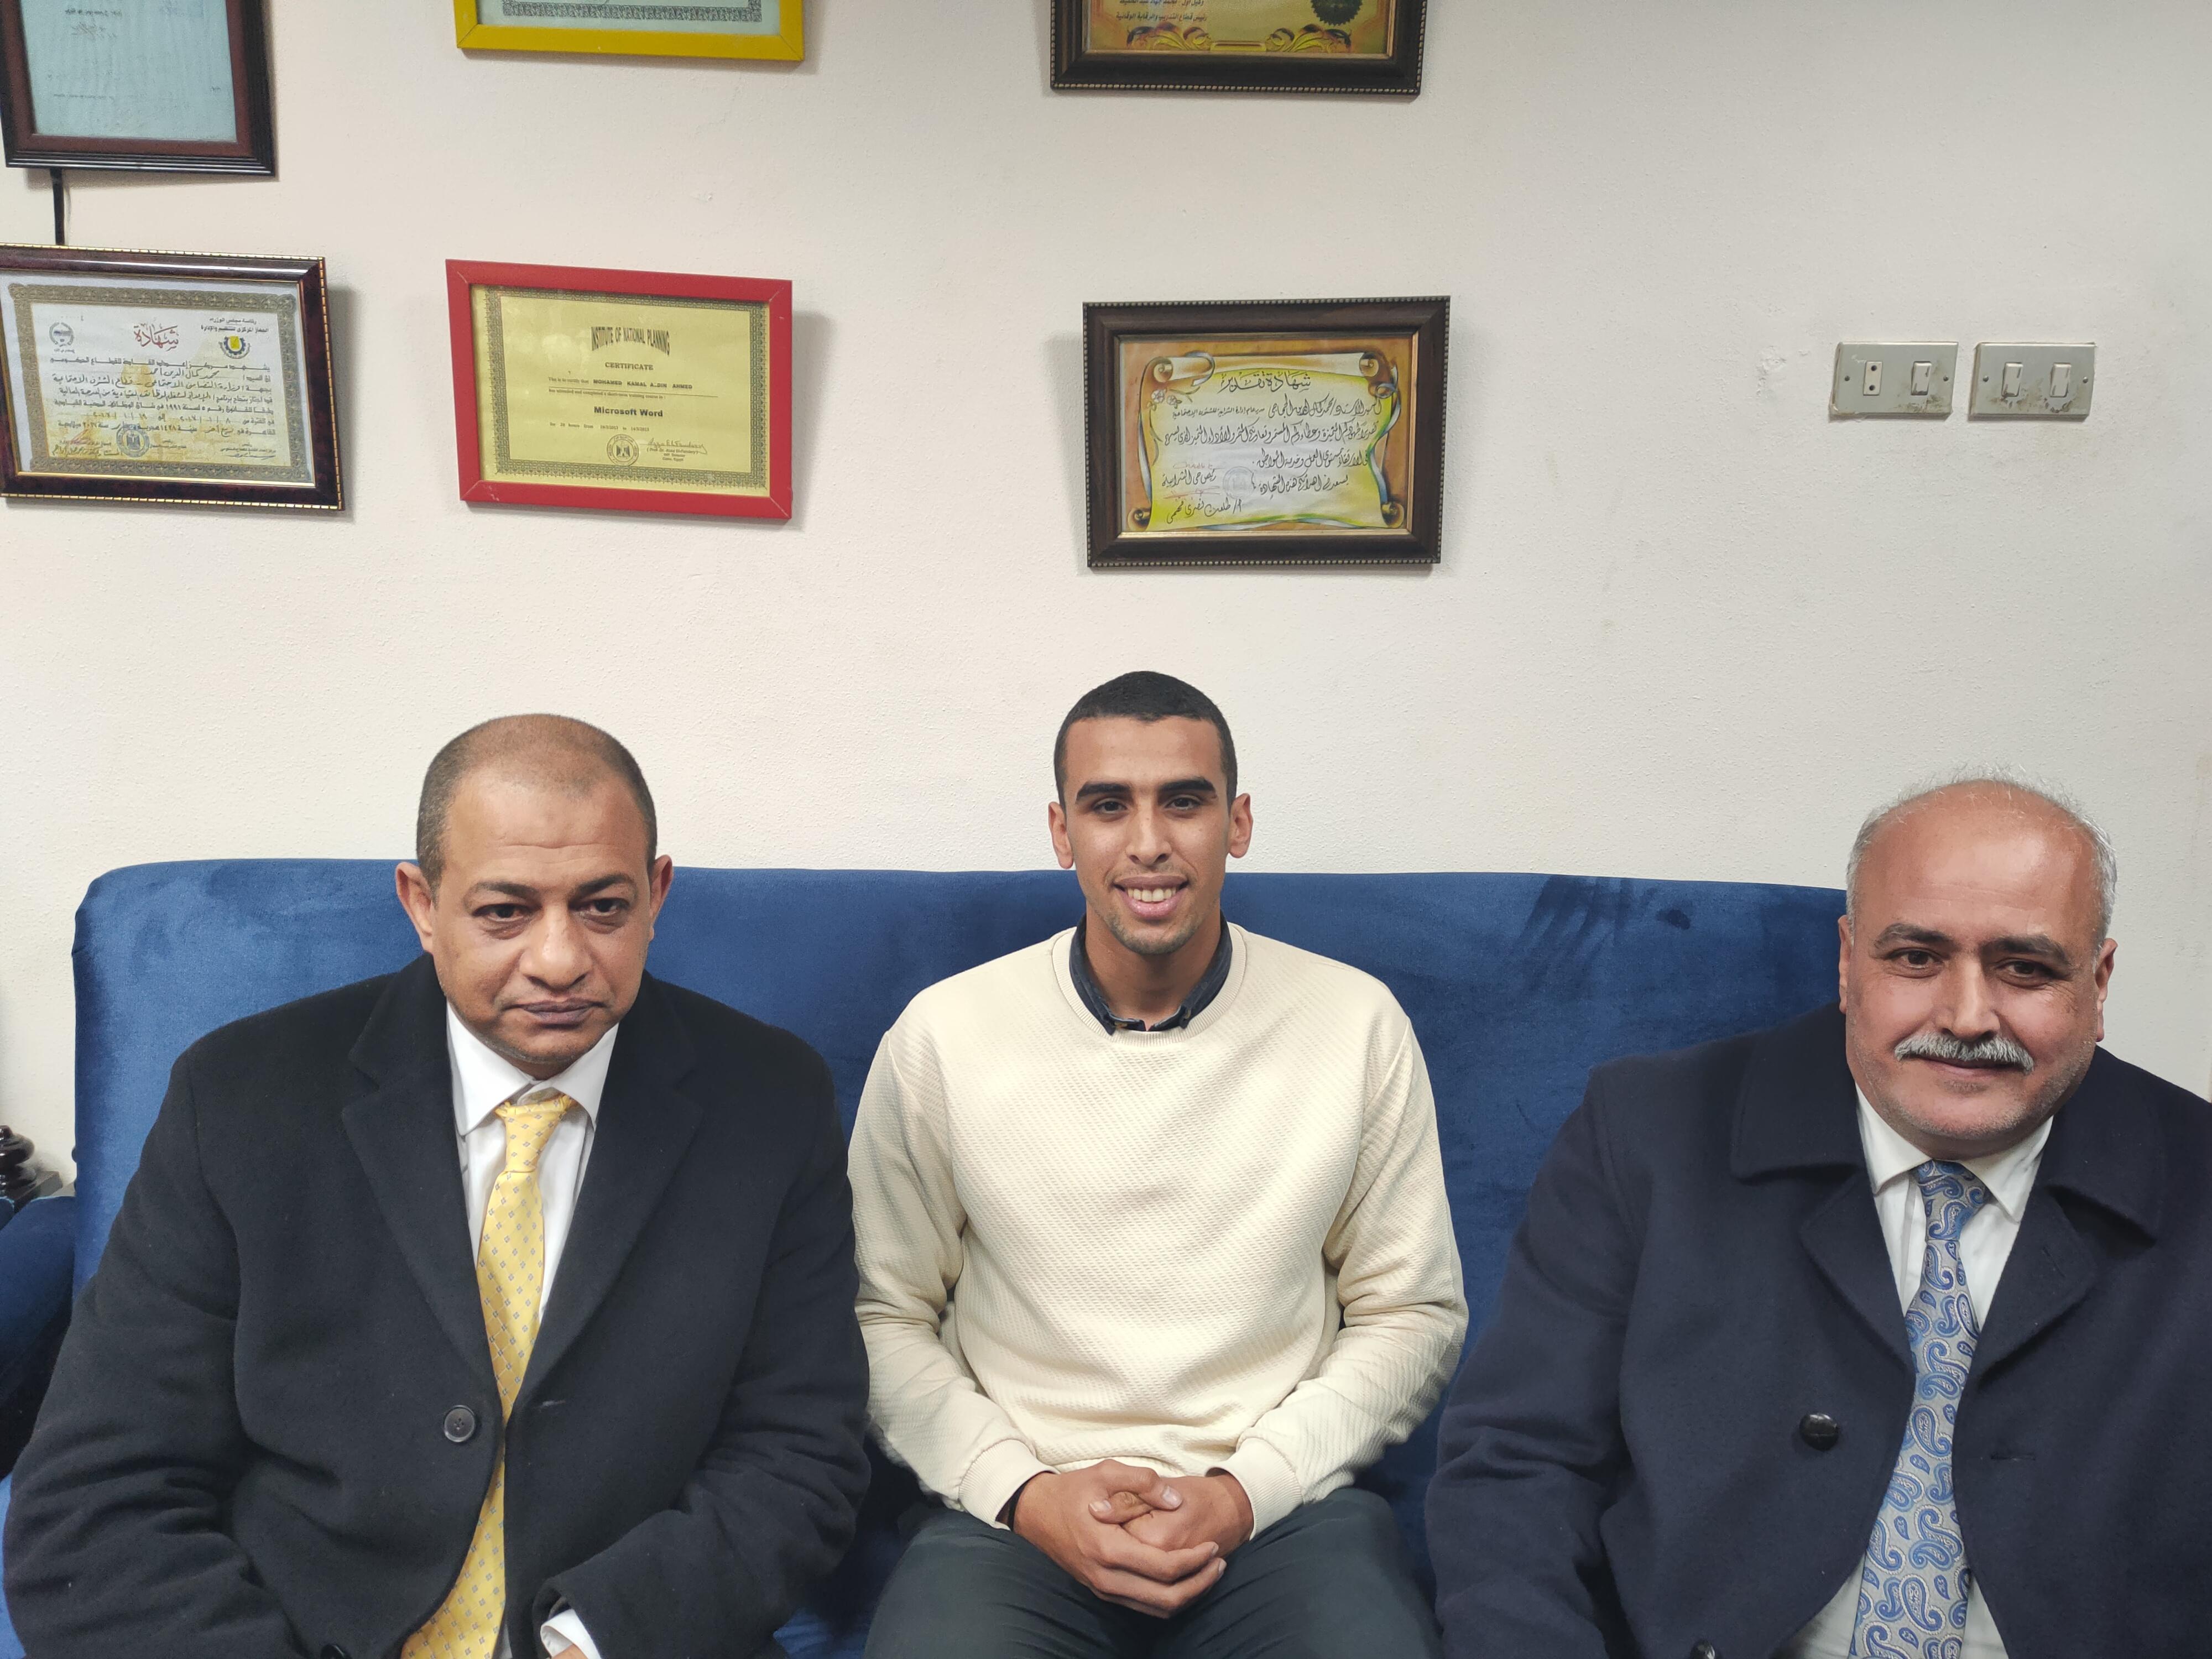 عبدالله شكري أول شاب من نزلاء دار لرعاية الأيتام يتم تعيينه معيد بجامعة الزقازيق